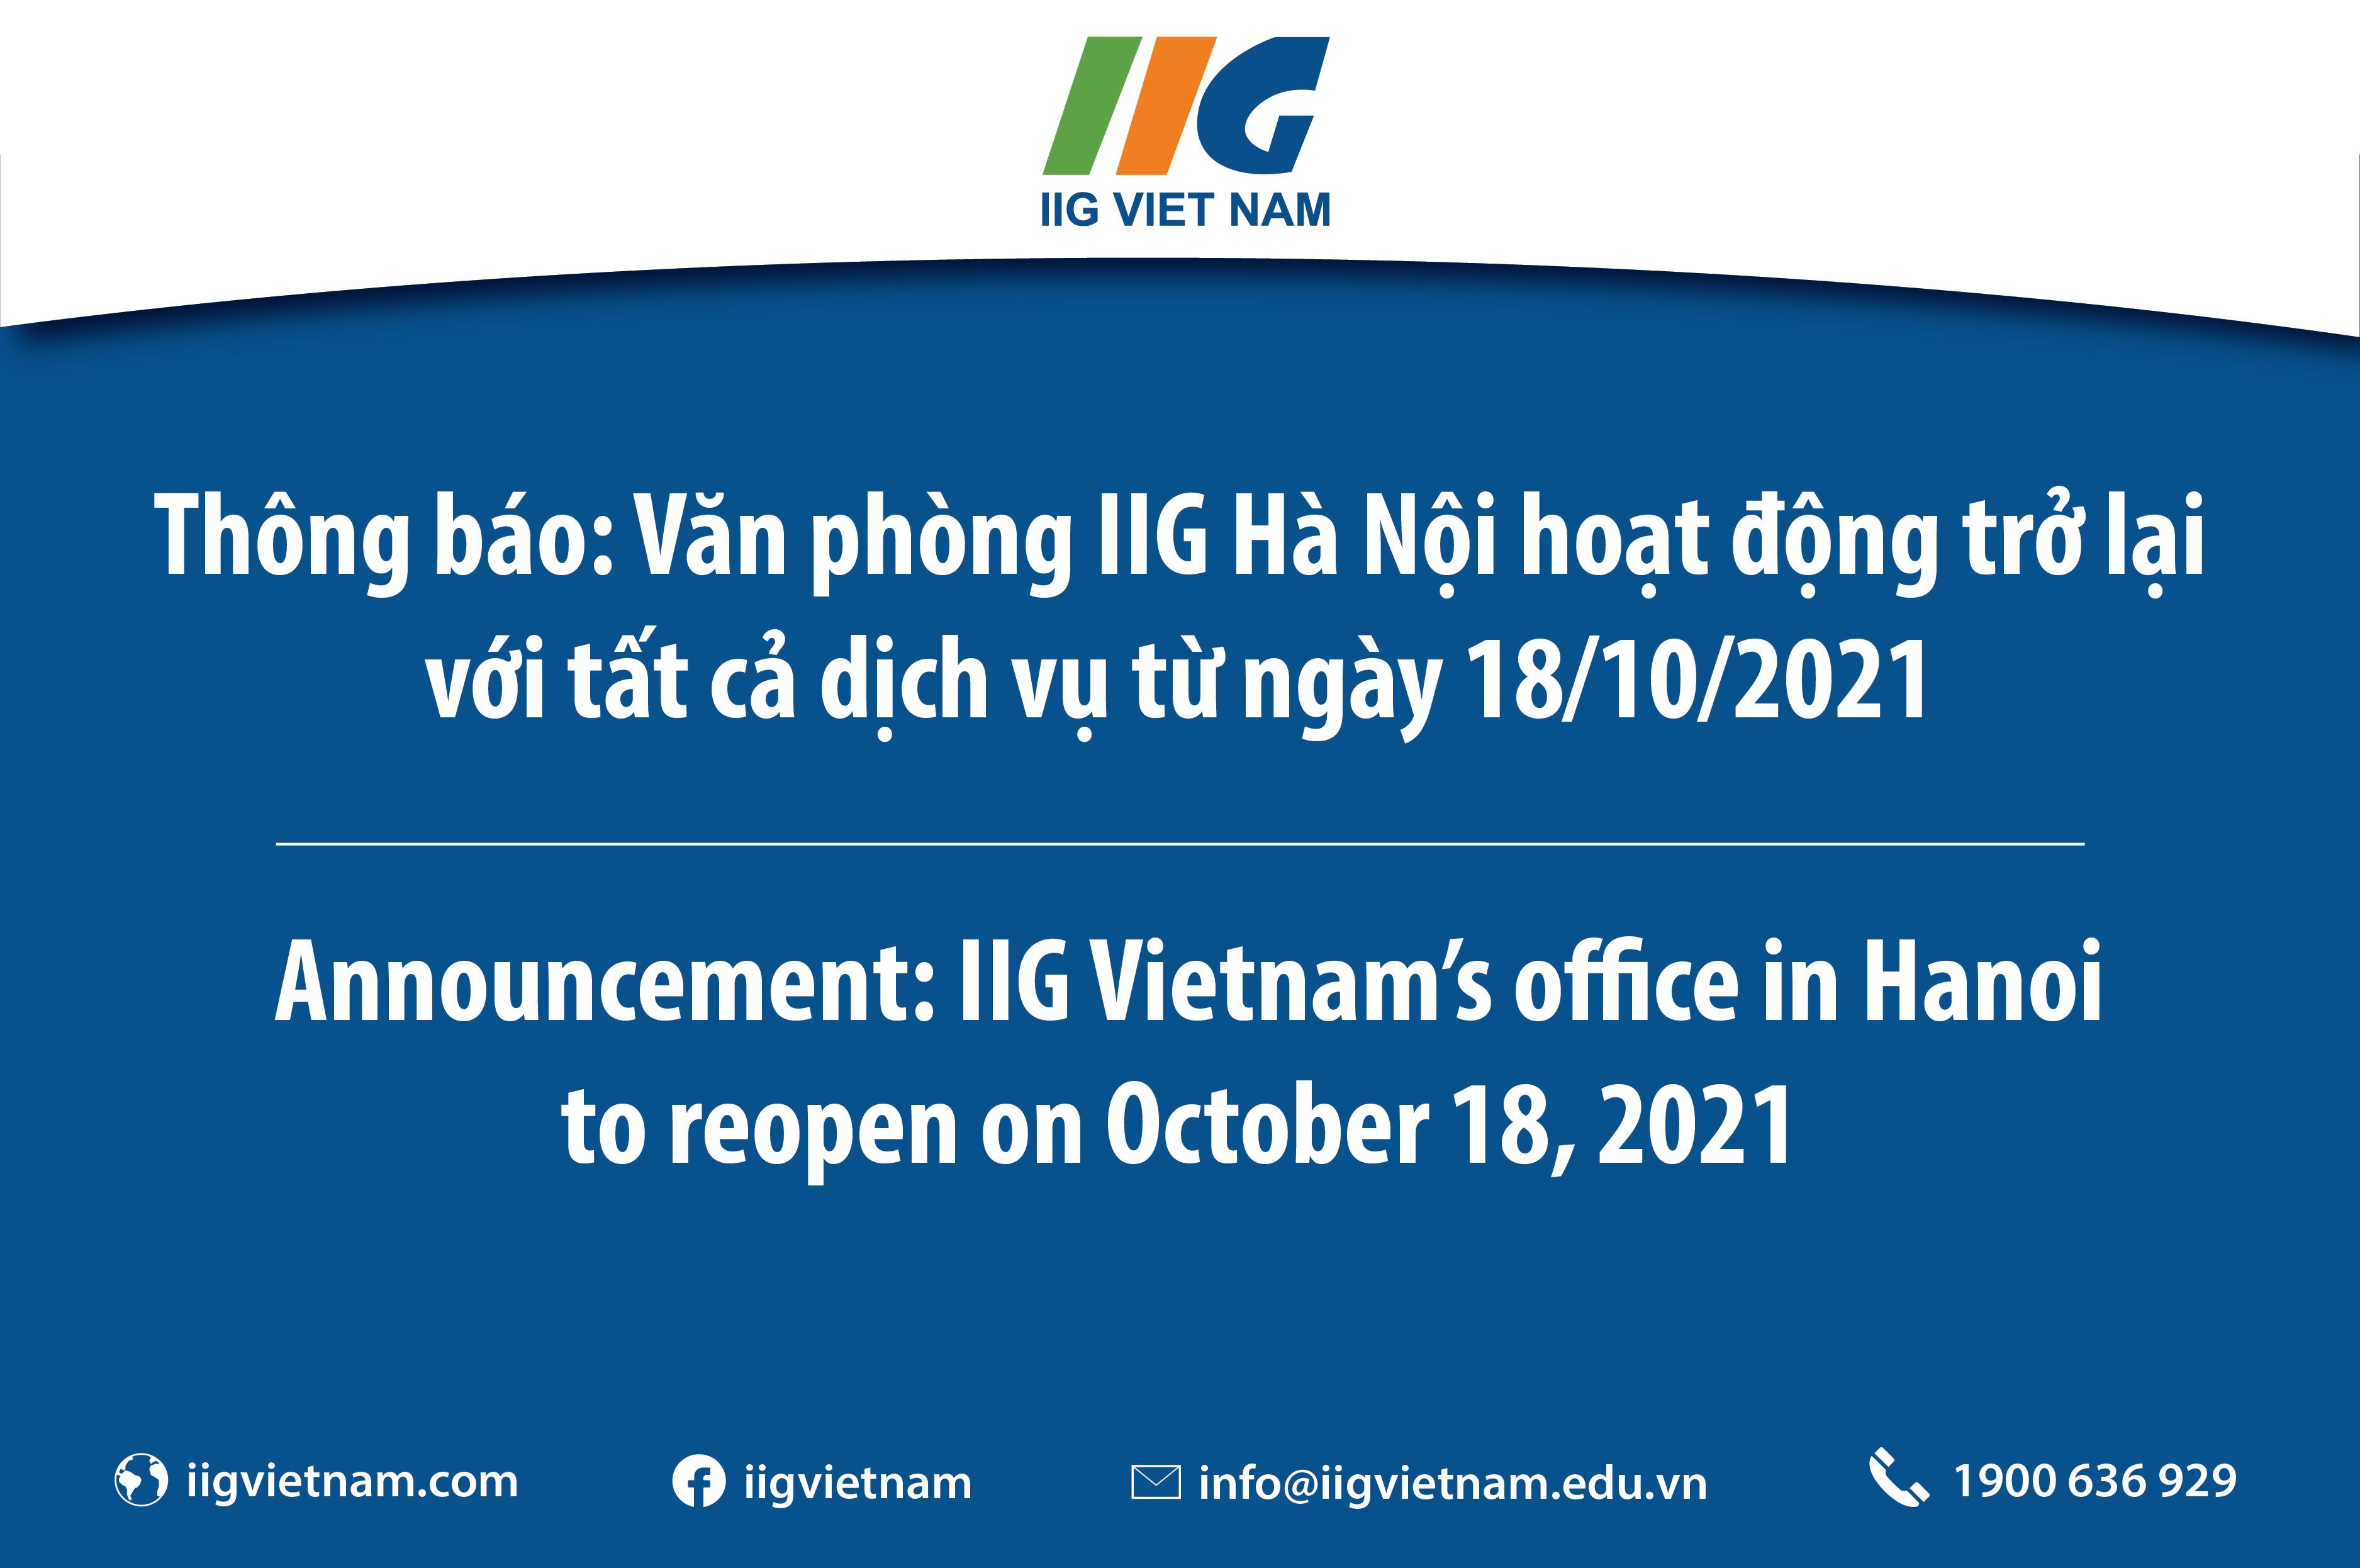 Thông báo: Văn phòng IIG Hà Nội hoạt động trở lại với tất cả dịch vụ từ ngày 18/10/2021/ Announcement: IIG Vietnam's office in Hanoi to reopen on October 18, 2021